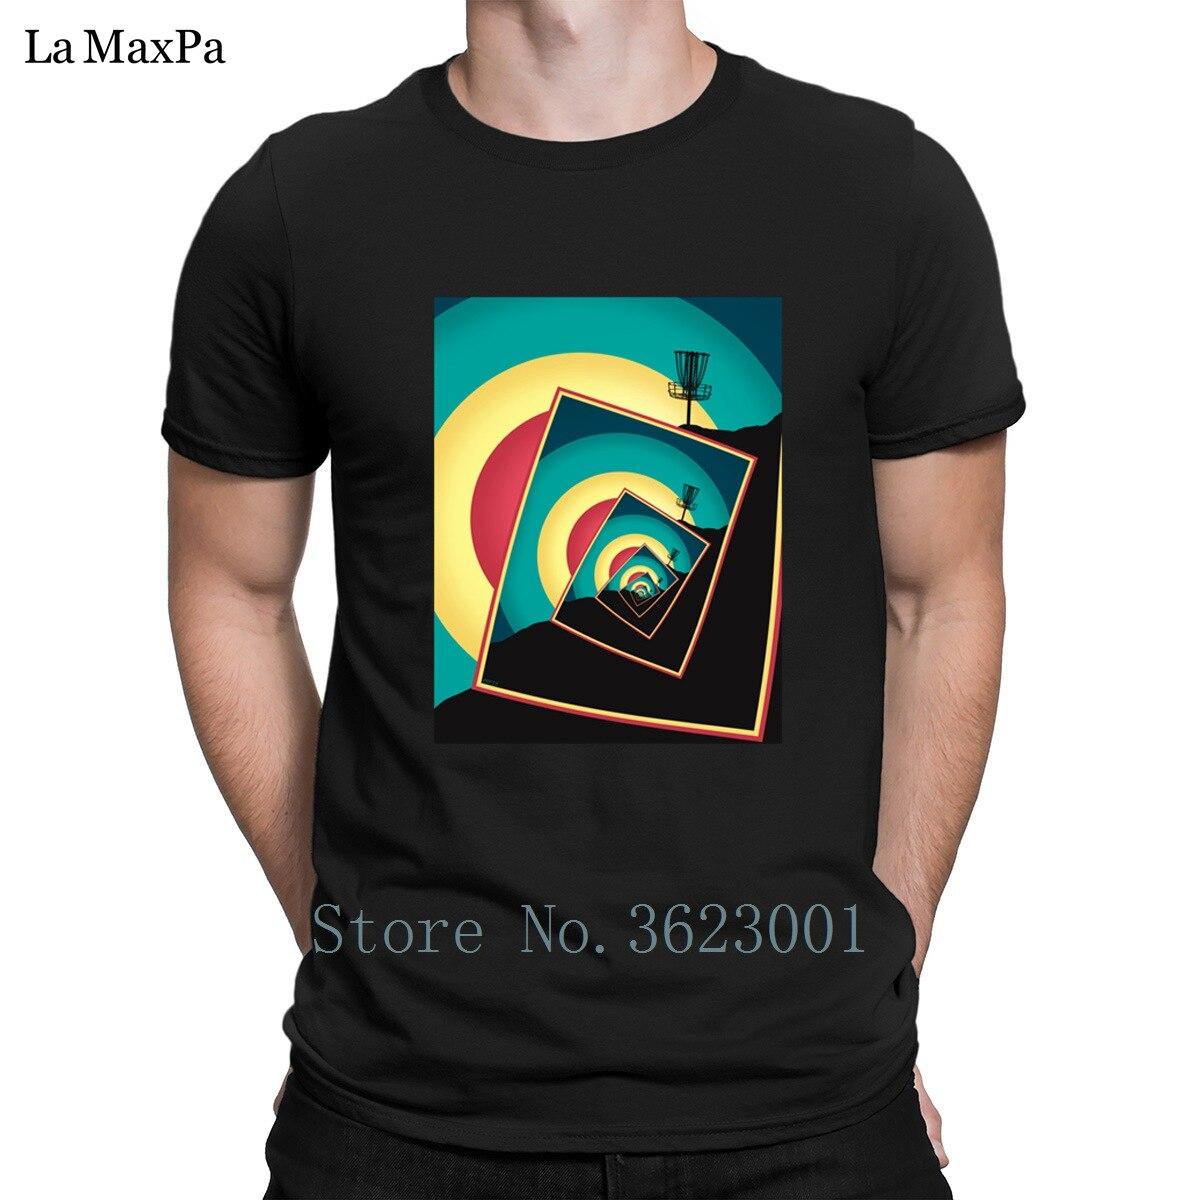 Diseño novedoso camiseta Streetwear cesta de Golf de disco giratorio para hombre Camiseta Popular para hombre Quirky Camiseta de algodón camiseta Anti-arrugas